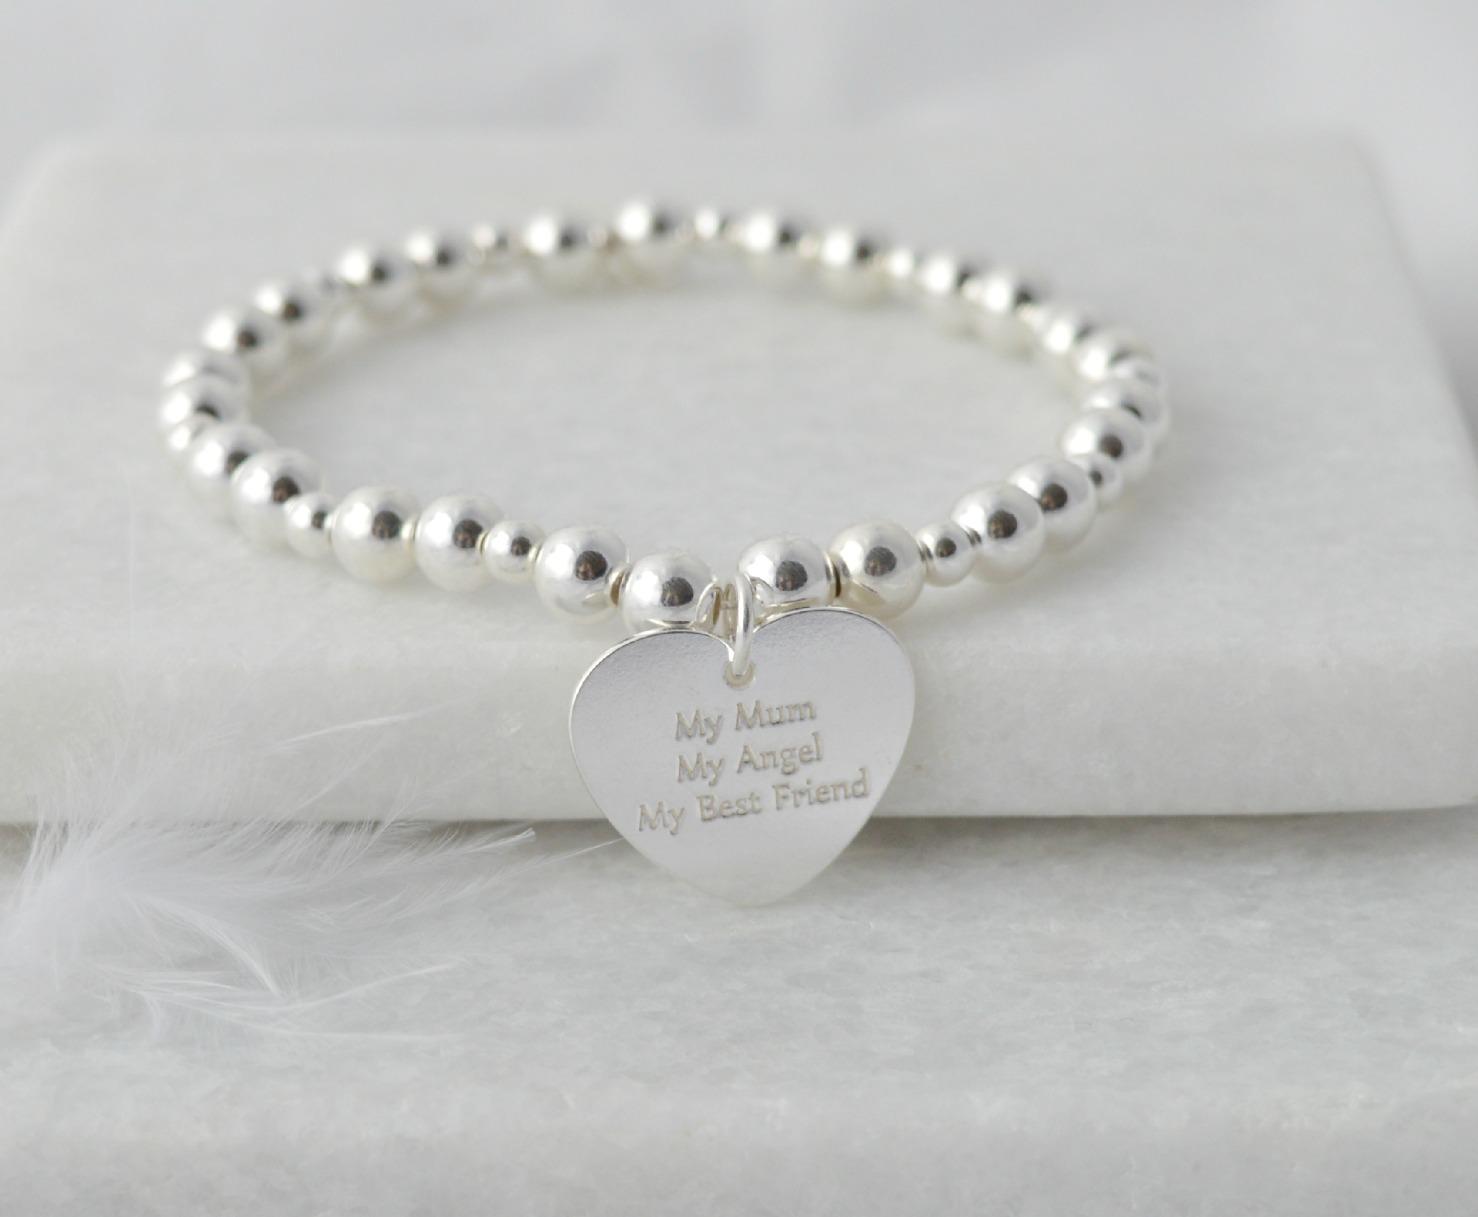 my mum, my angel, my best friend sterling silver bracelet